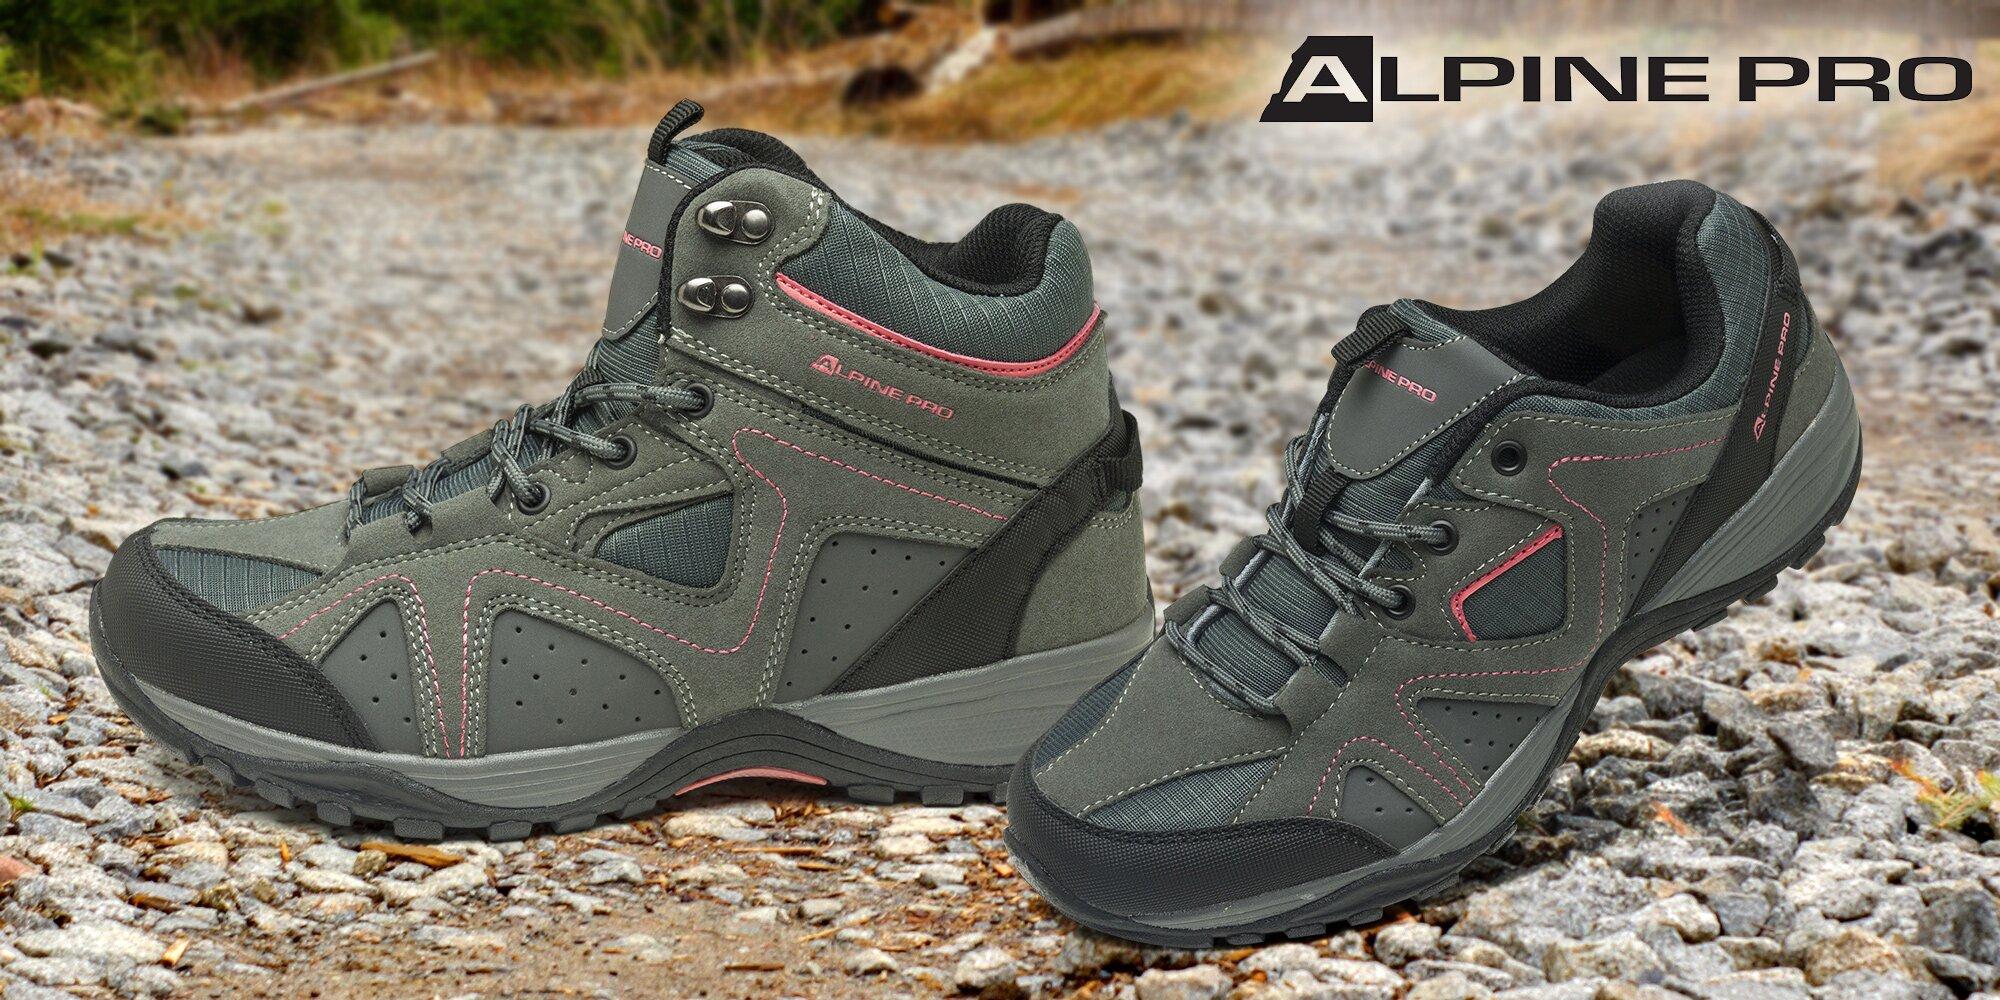 2de4b1e6b932 Dámske topánky do terénu od značky Alpine Pro